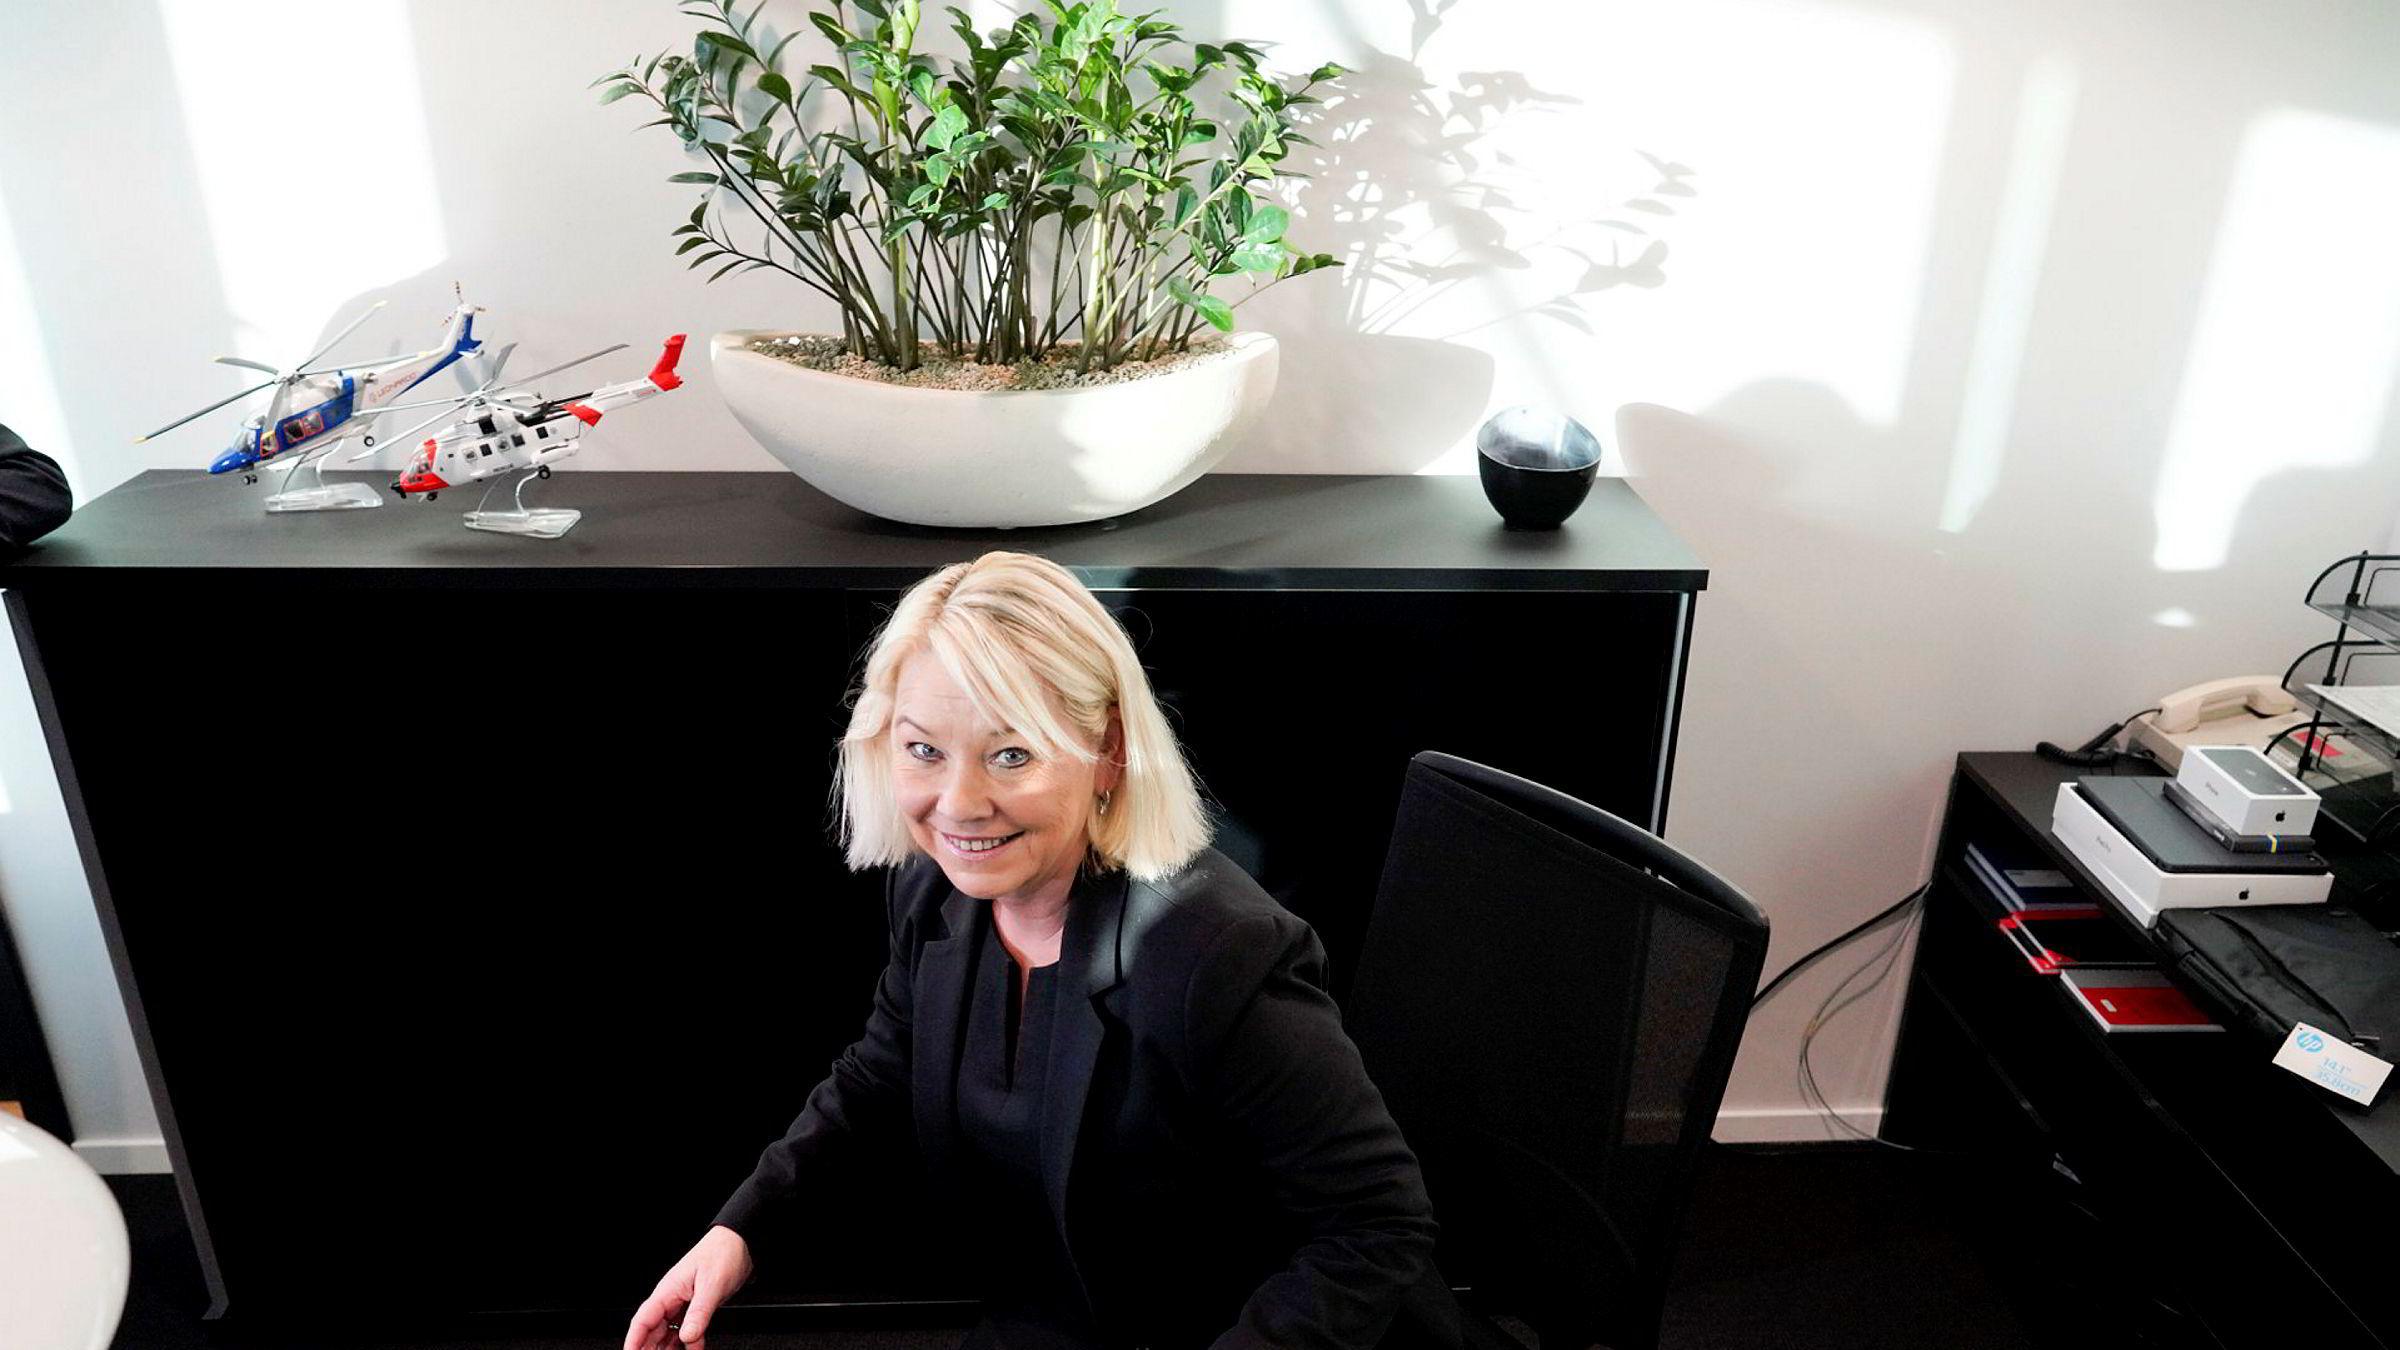 Nyutnevnt Justis- og beredskapsminister Monica Mæland (H) må raskt ta stilling til om inkassogebyrer skal reduseres.